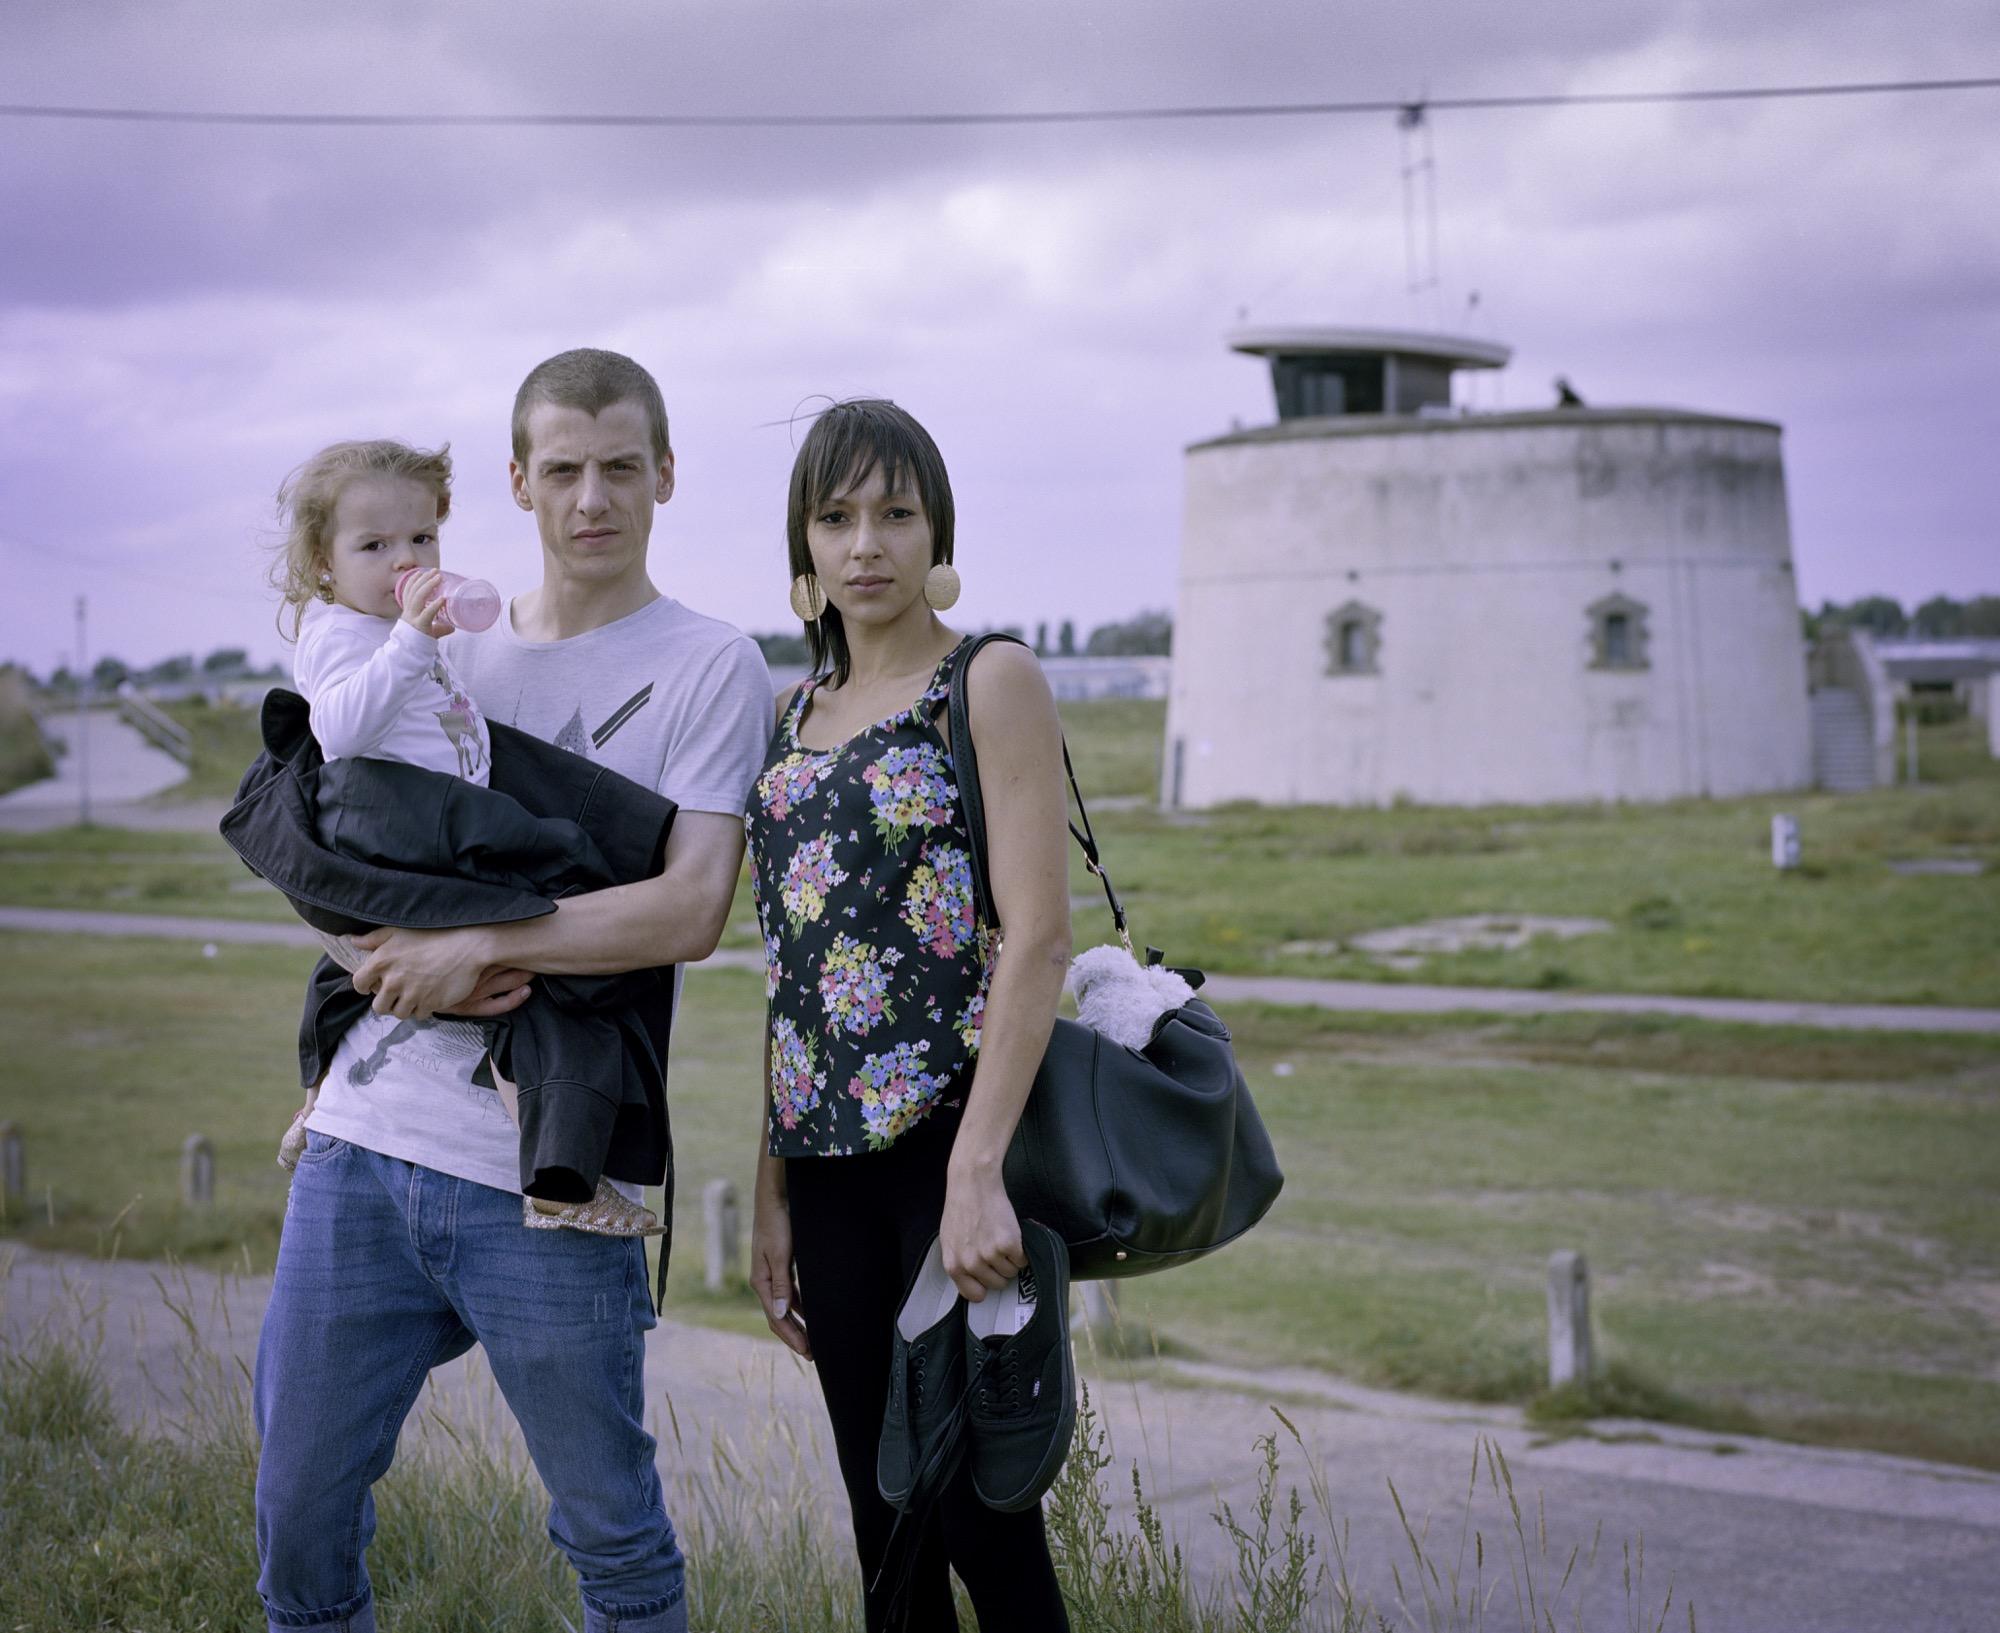 Tina, Paul & baby Harleigh © Chris Donovan